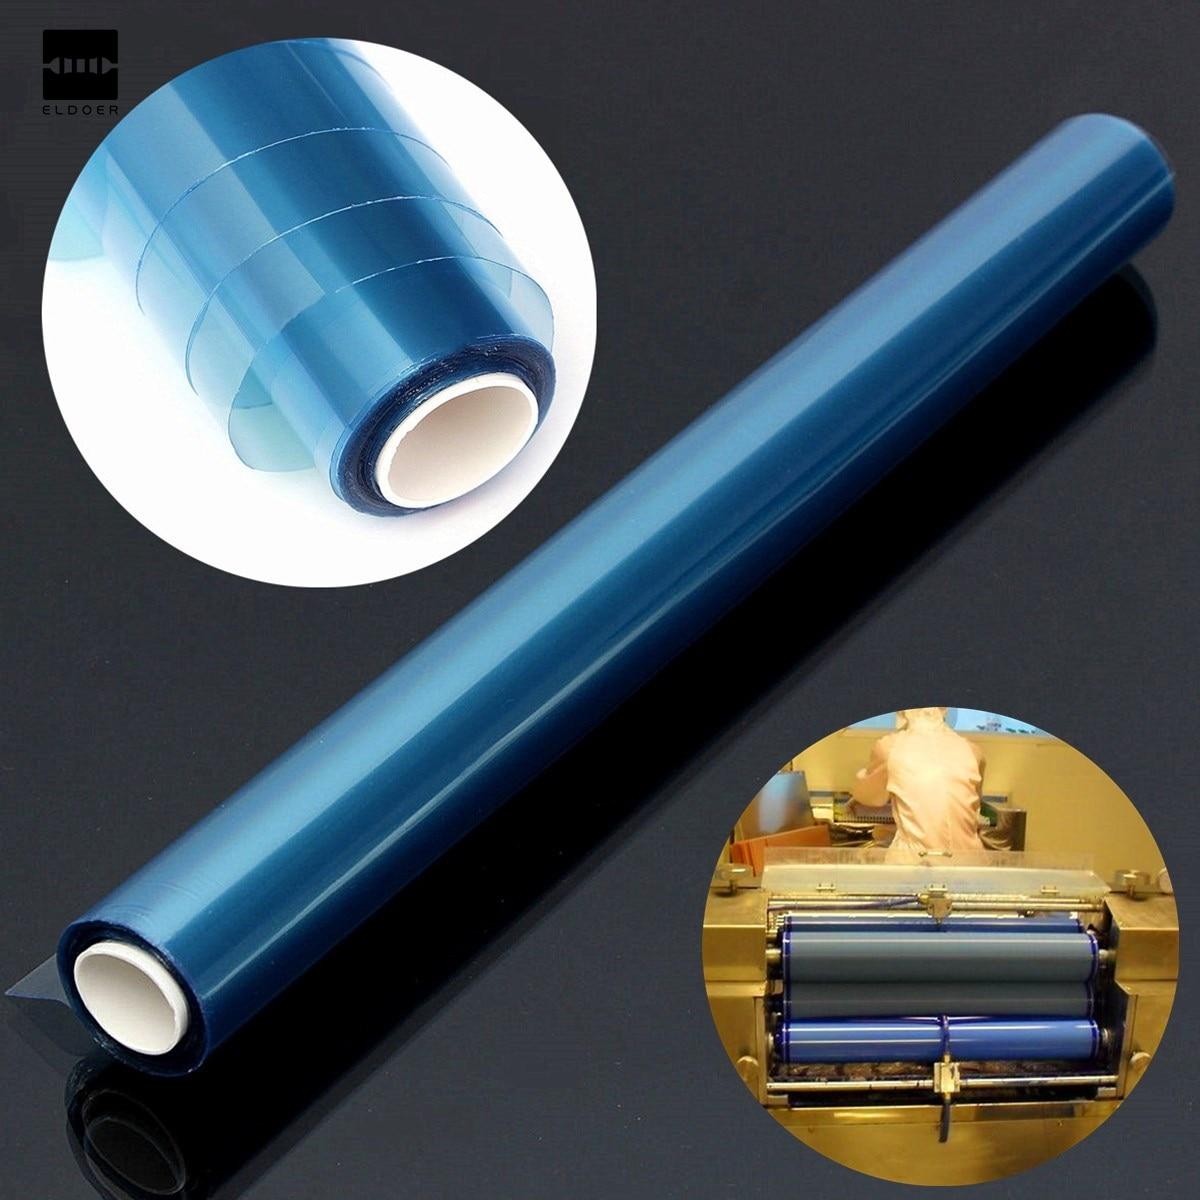 PCB, gran oferta, película seca fotosensible portátil para producción de circuitos, hojas de fotoresist de 30cm x 5m, componentes electrónicos